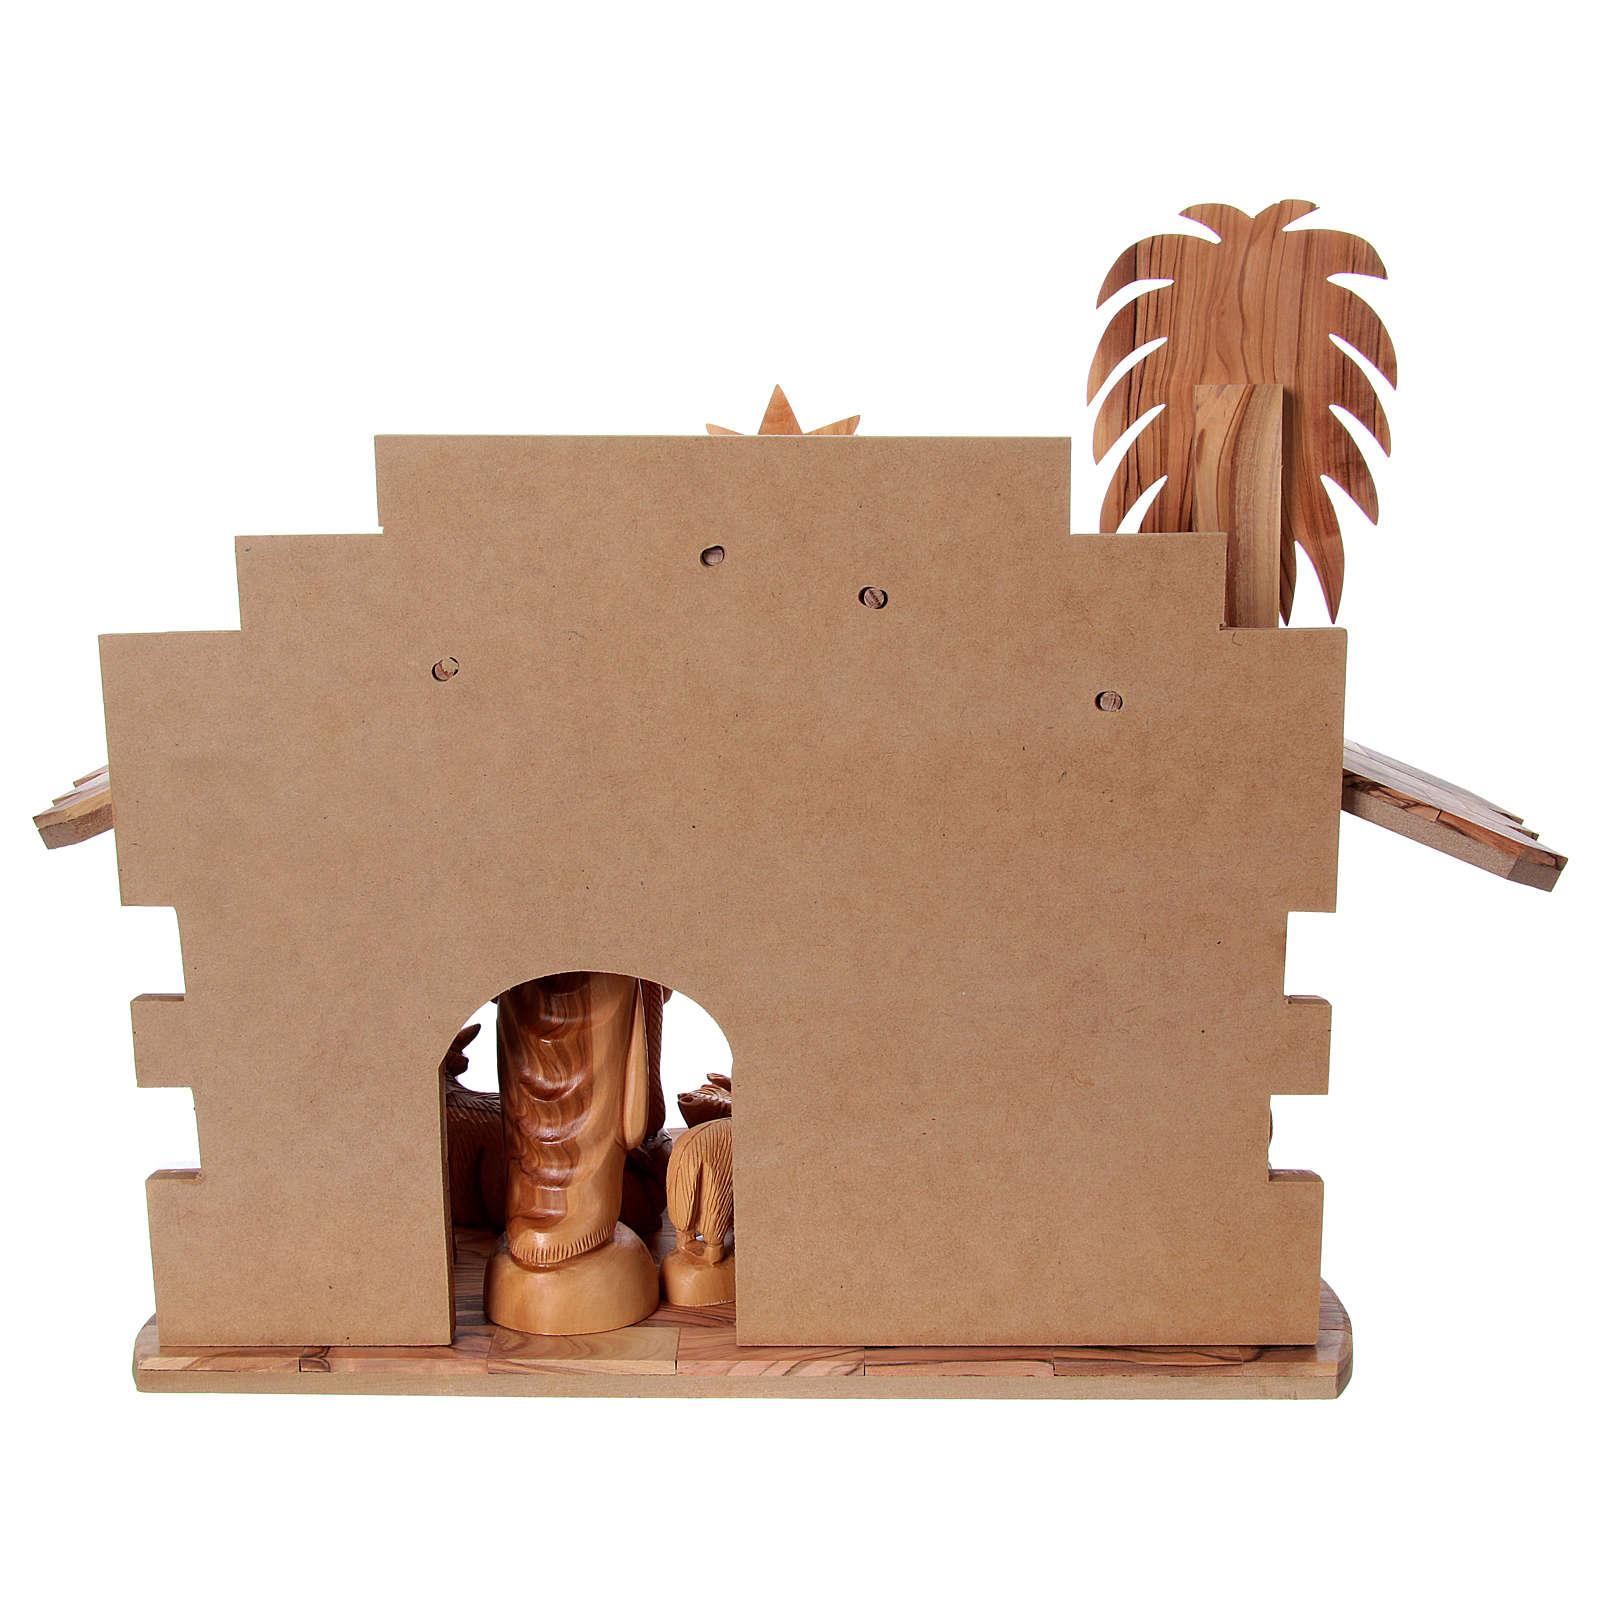 Presépio completo oliveira de Belém altura média das figuras 22 cm com cabana 30x40x25 cm 4